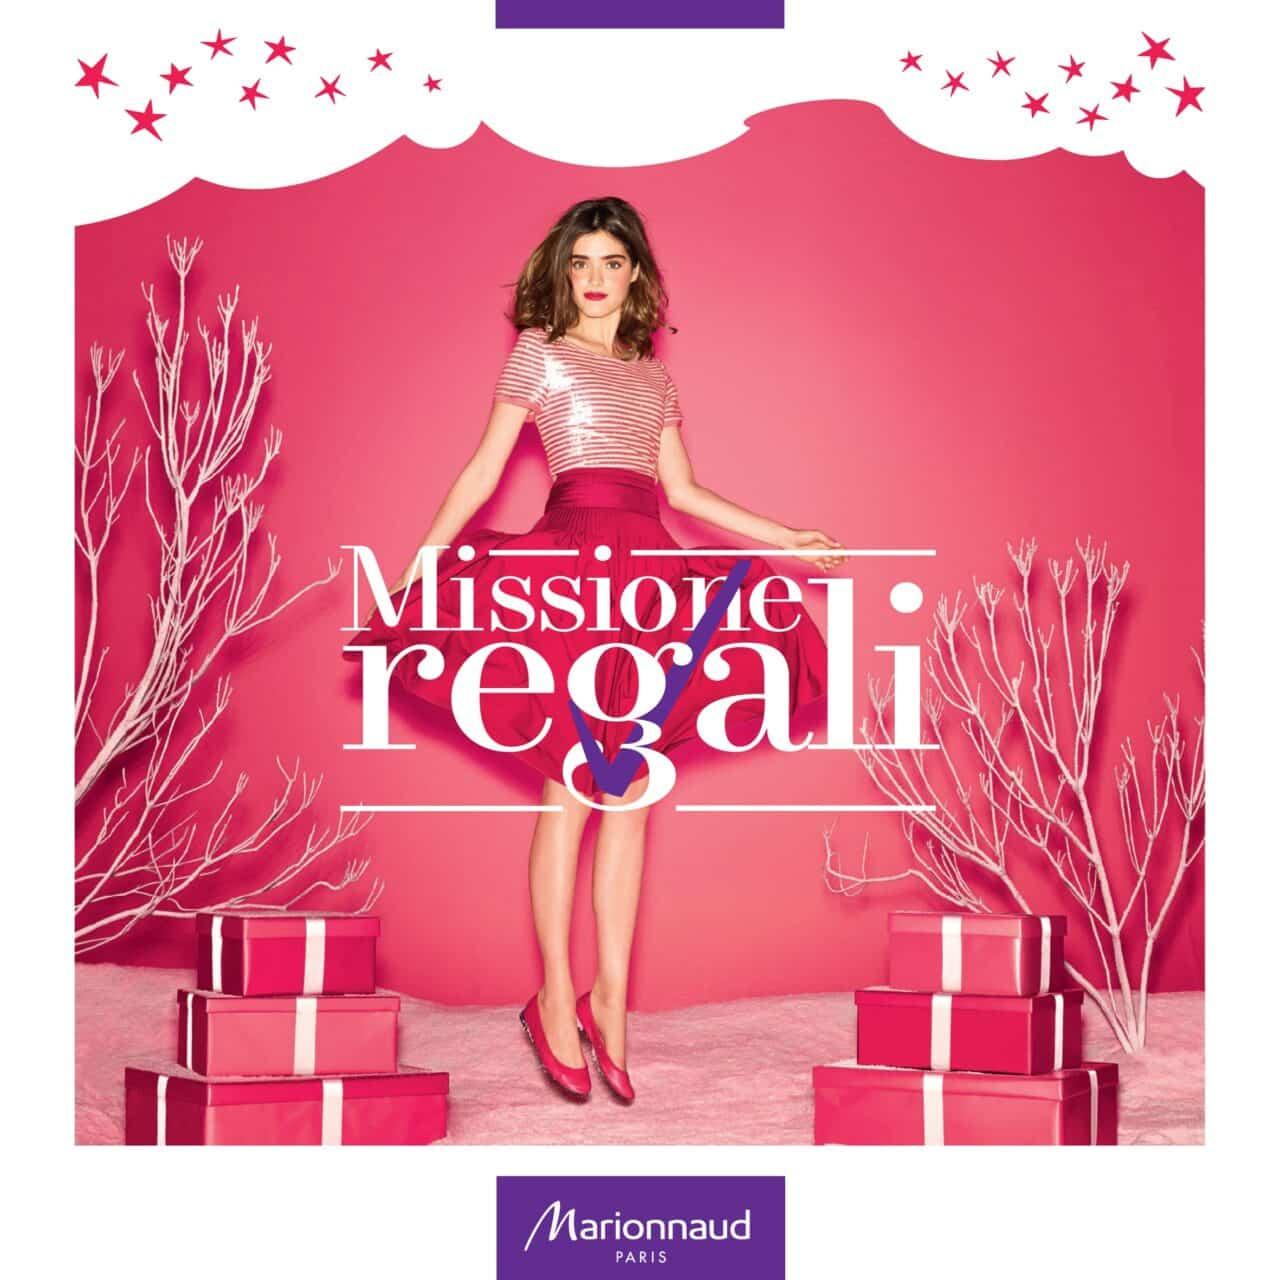 Aiuto Regali Natale.Missione Regali Marionnaud Come Scegliere I Regali Di Natale Con L Aiuto Delle Gift Consultant